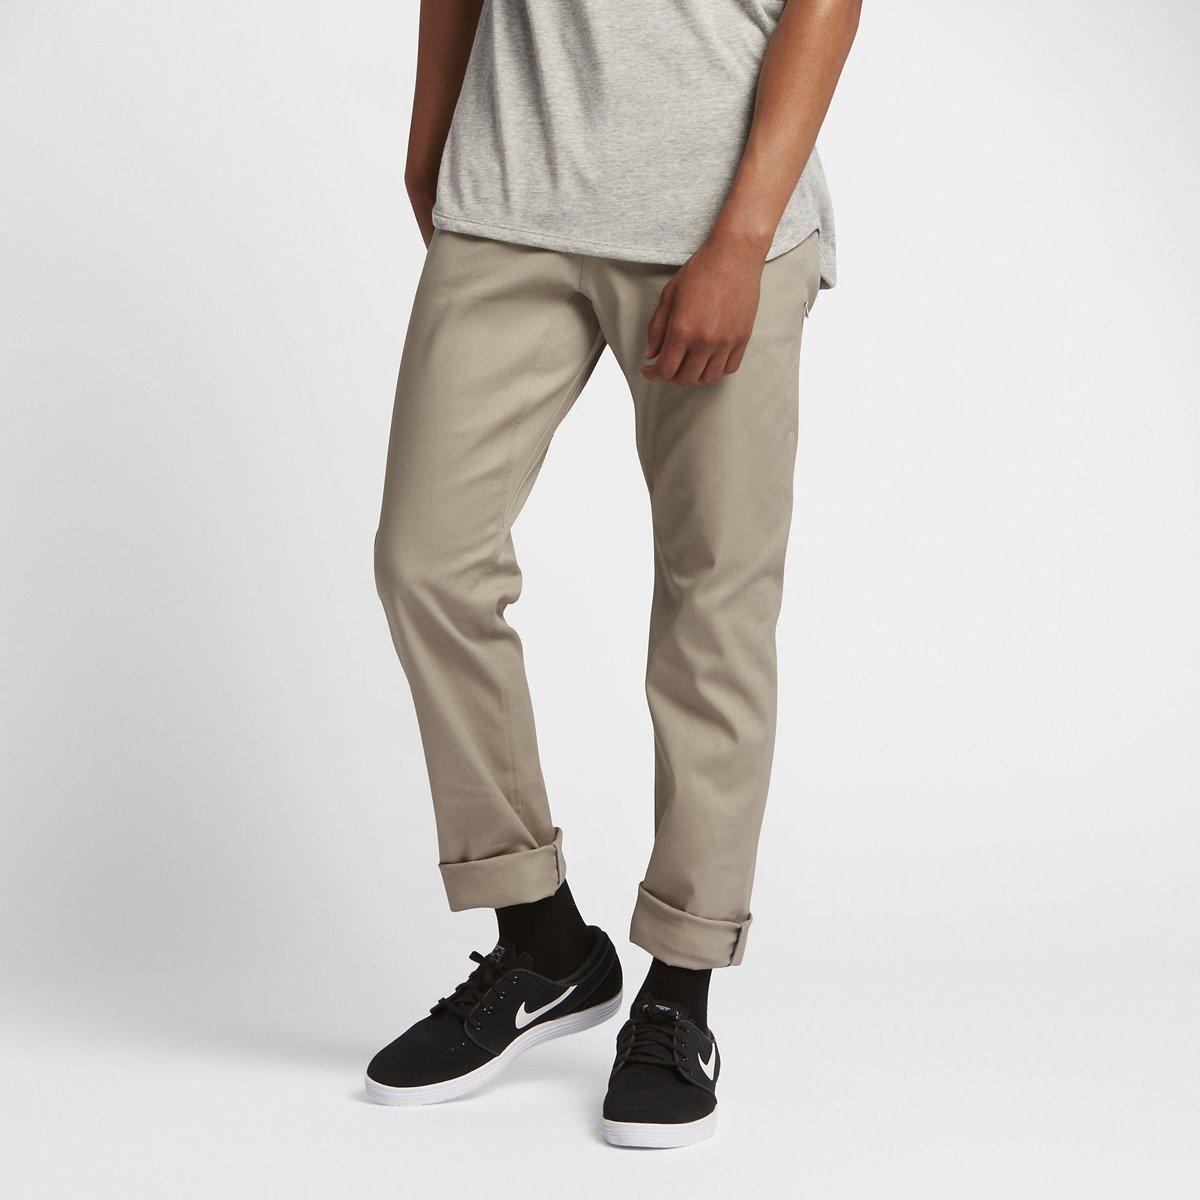 new style 90fcc 58fc3 Nike SB FTM Pant Khaki brown   Clothes   Pants SALE   Sale 50% -70%   Pants  Brands   Nike SB Odzież   Nike SB   Nike Zima 2016   Skateshop Miniramp.pl